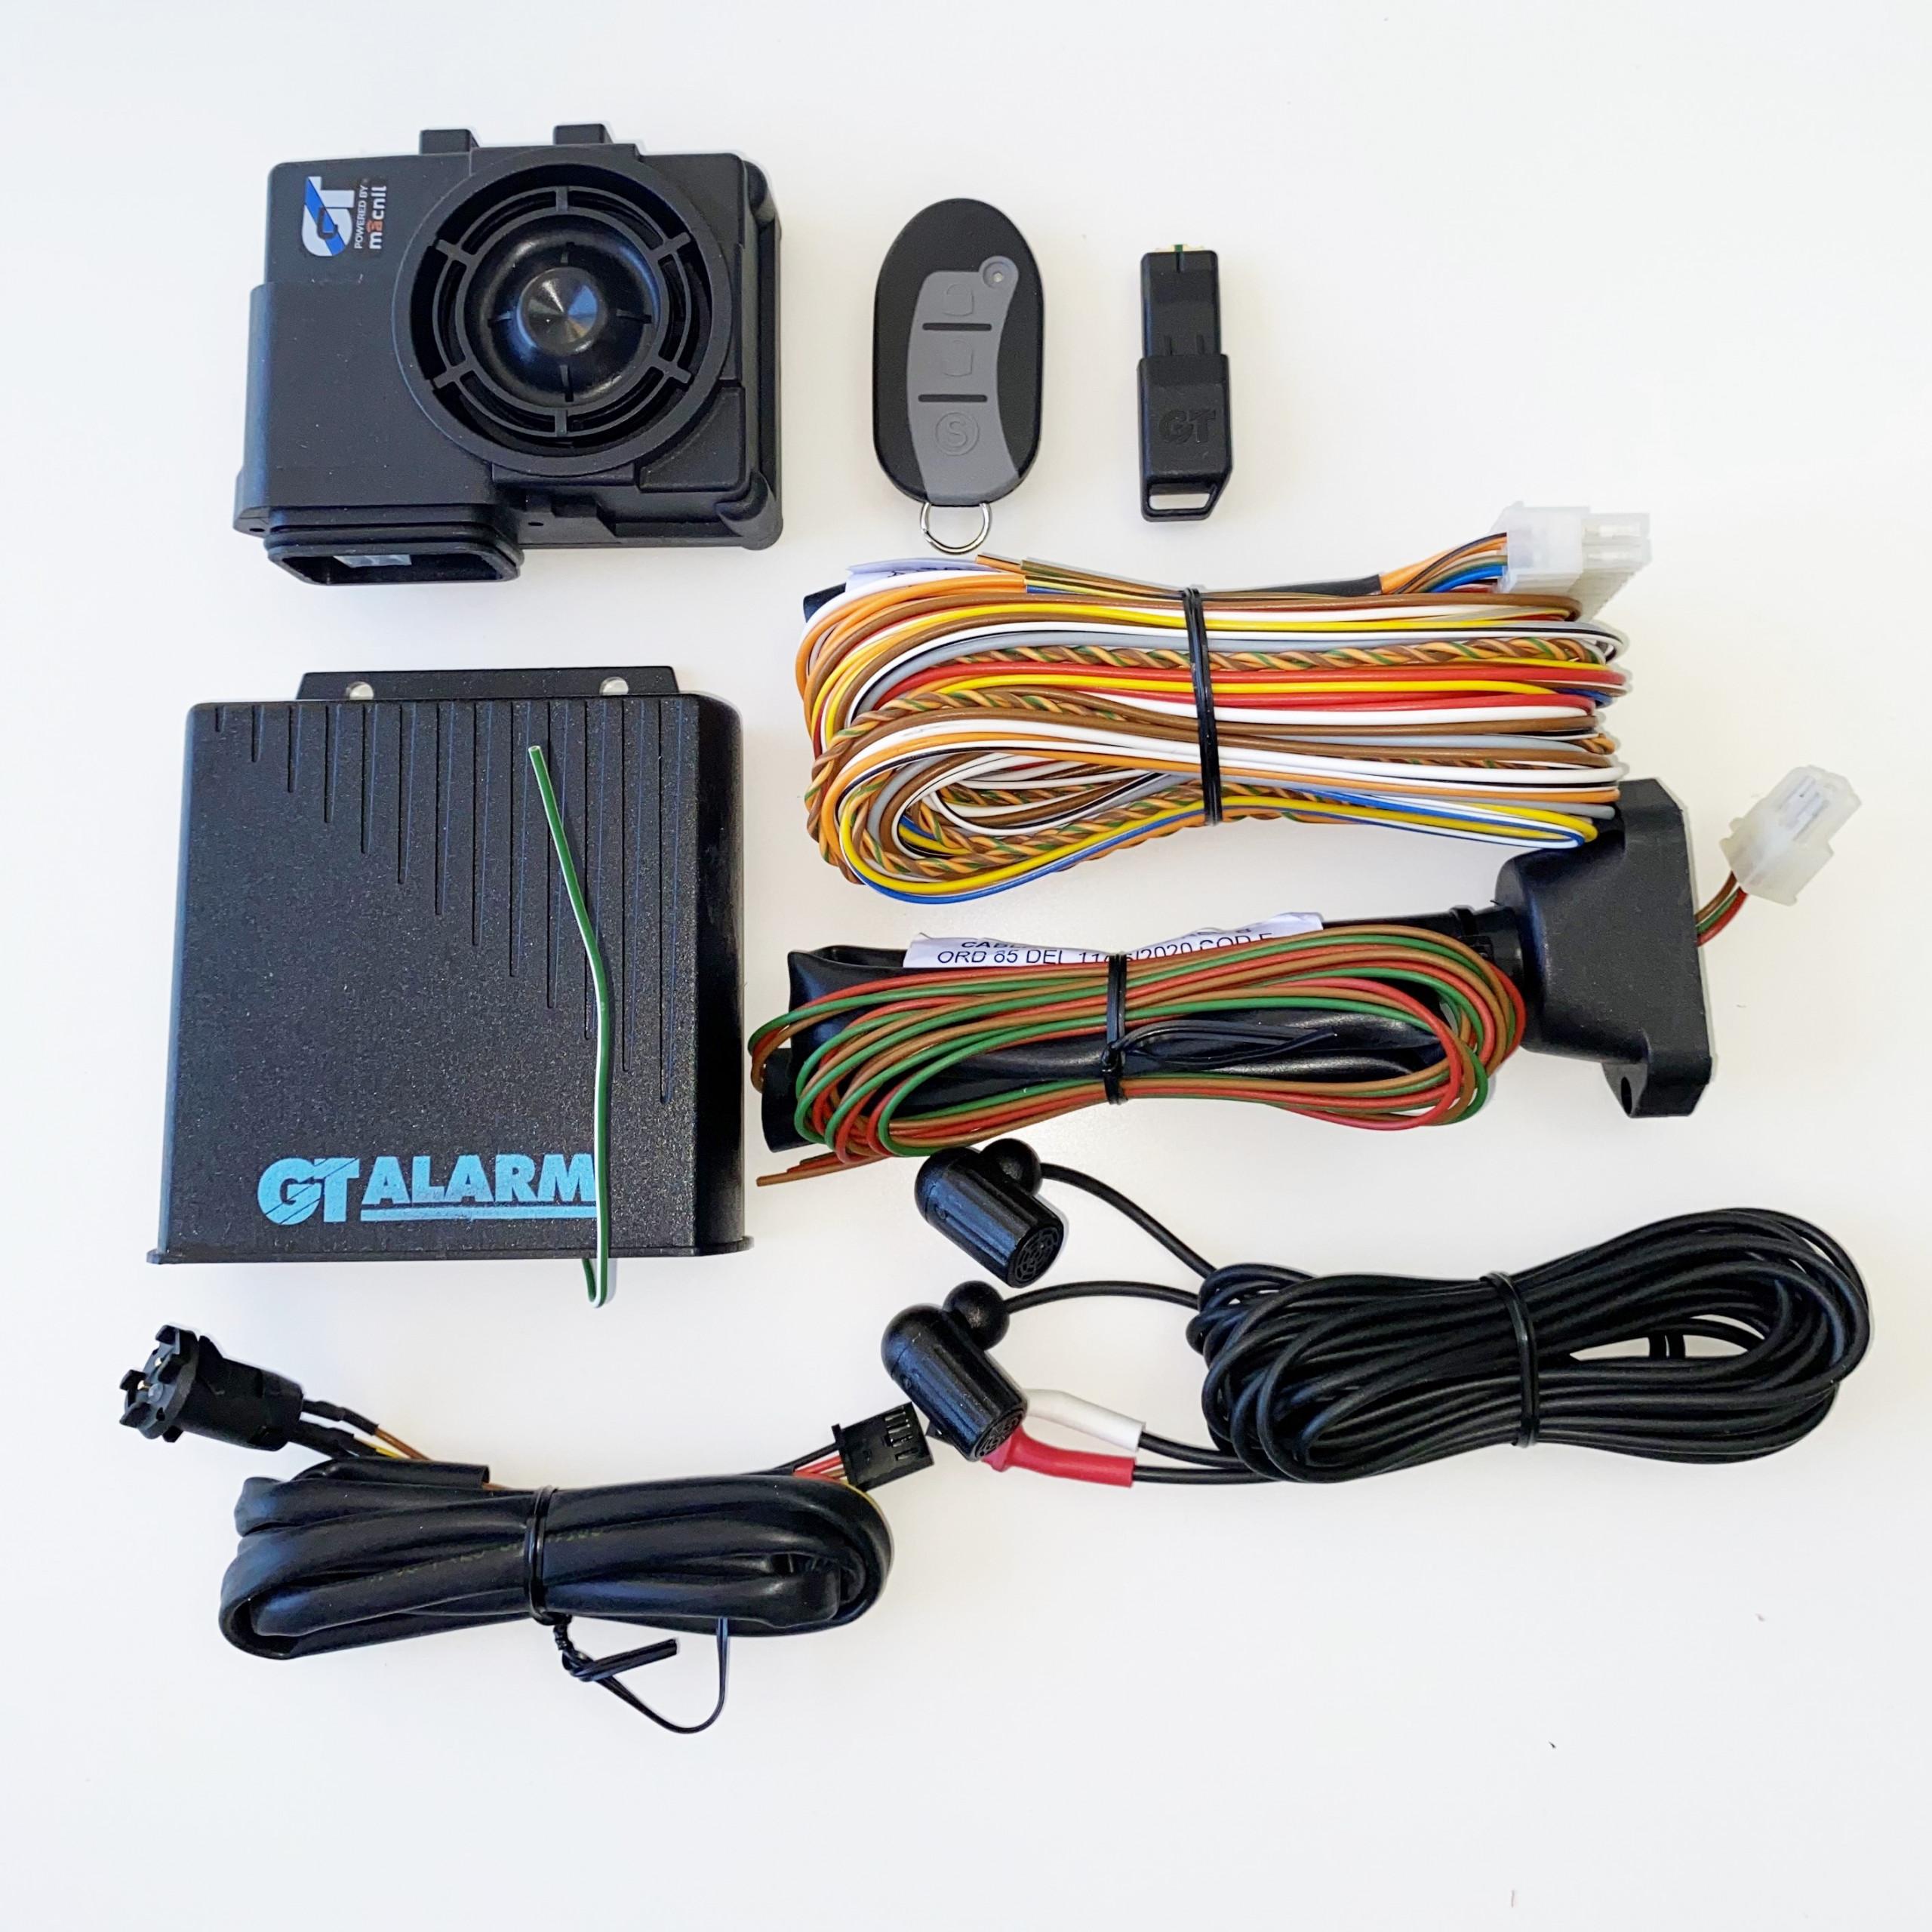 Kit Alarma 909 GT ALARM